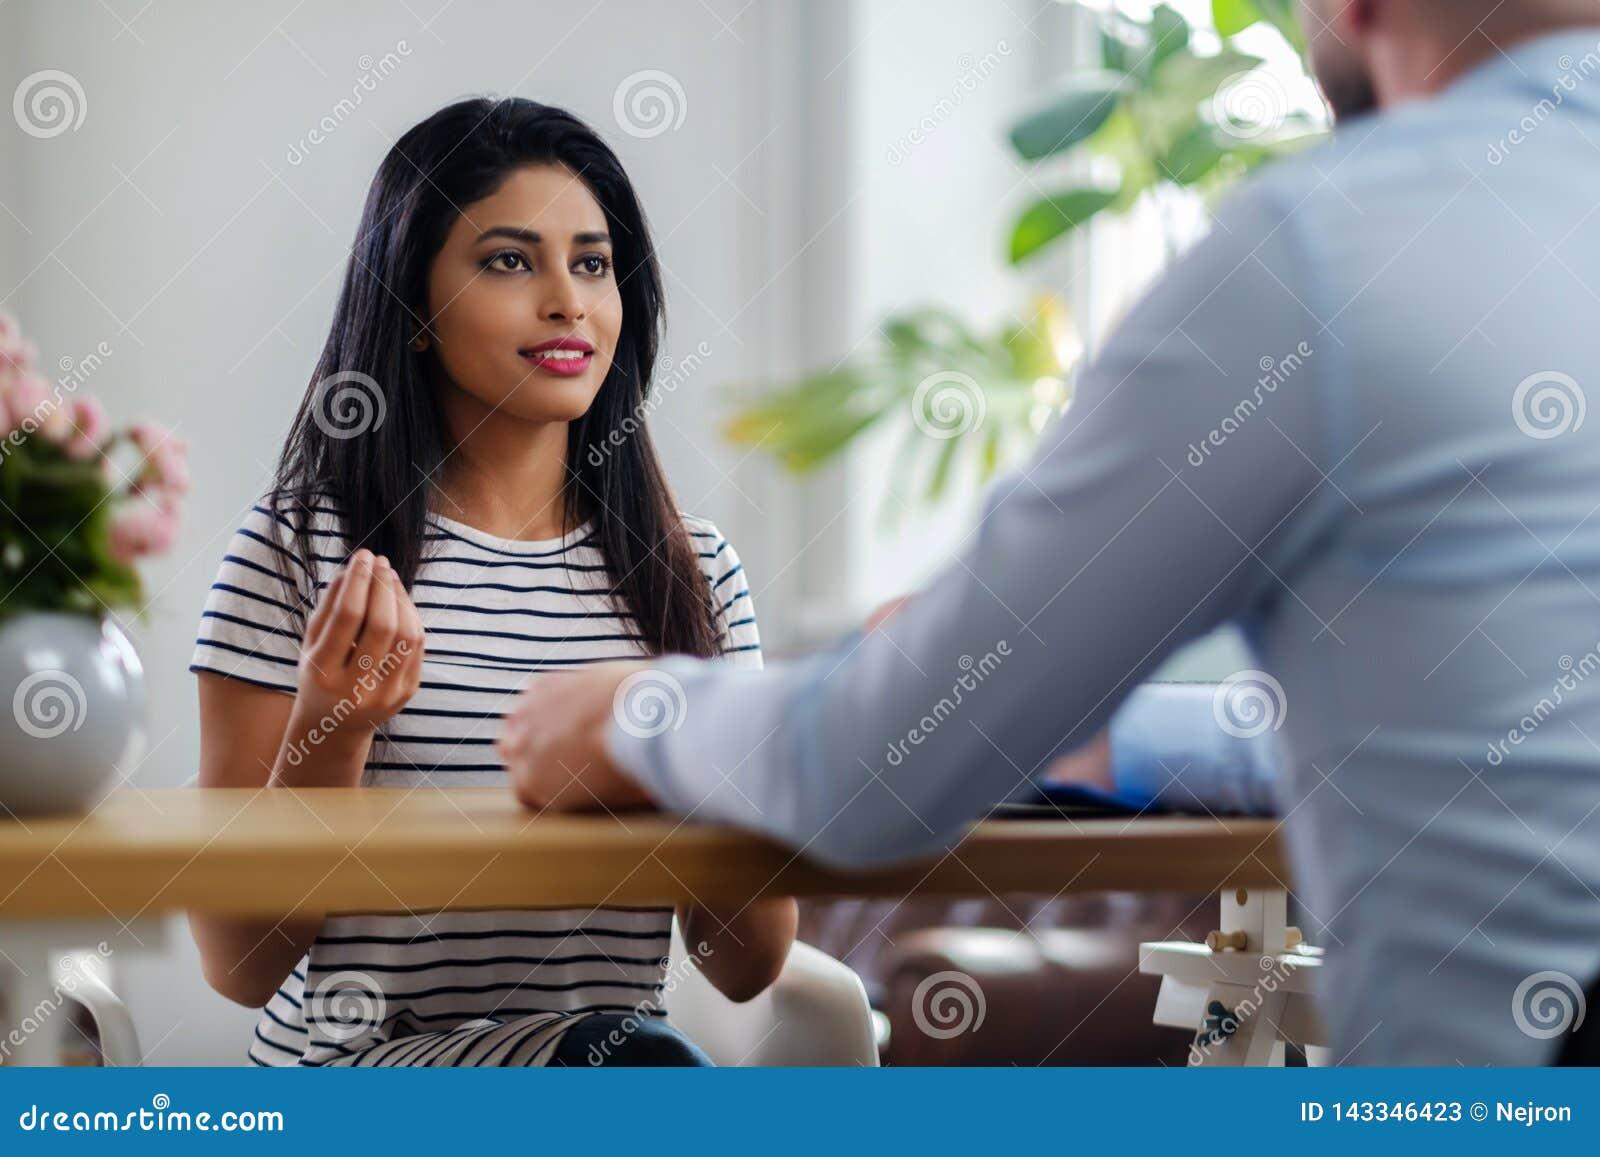 Девушки на прием на работу работа моделью в ессентуки